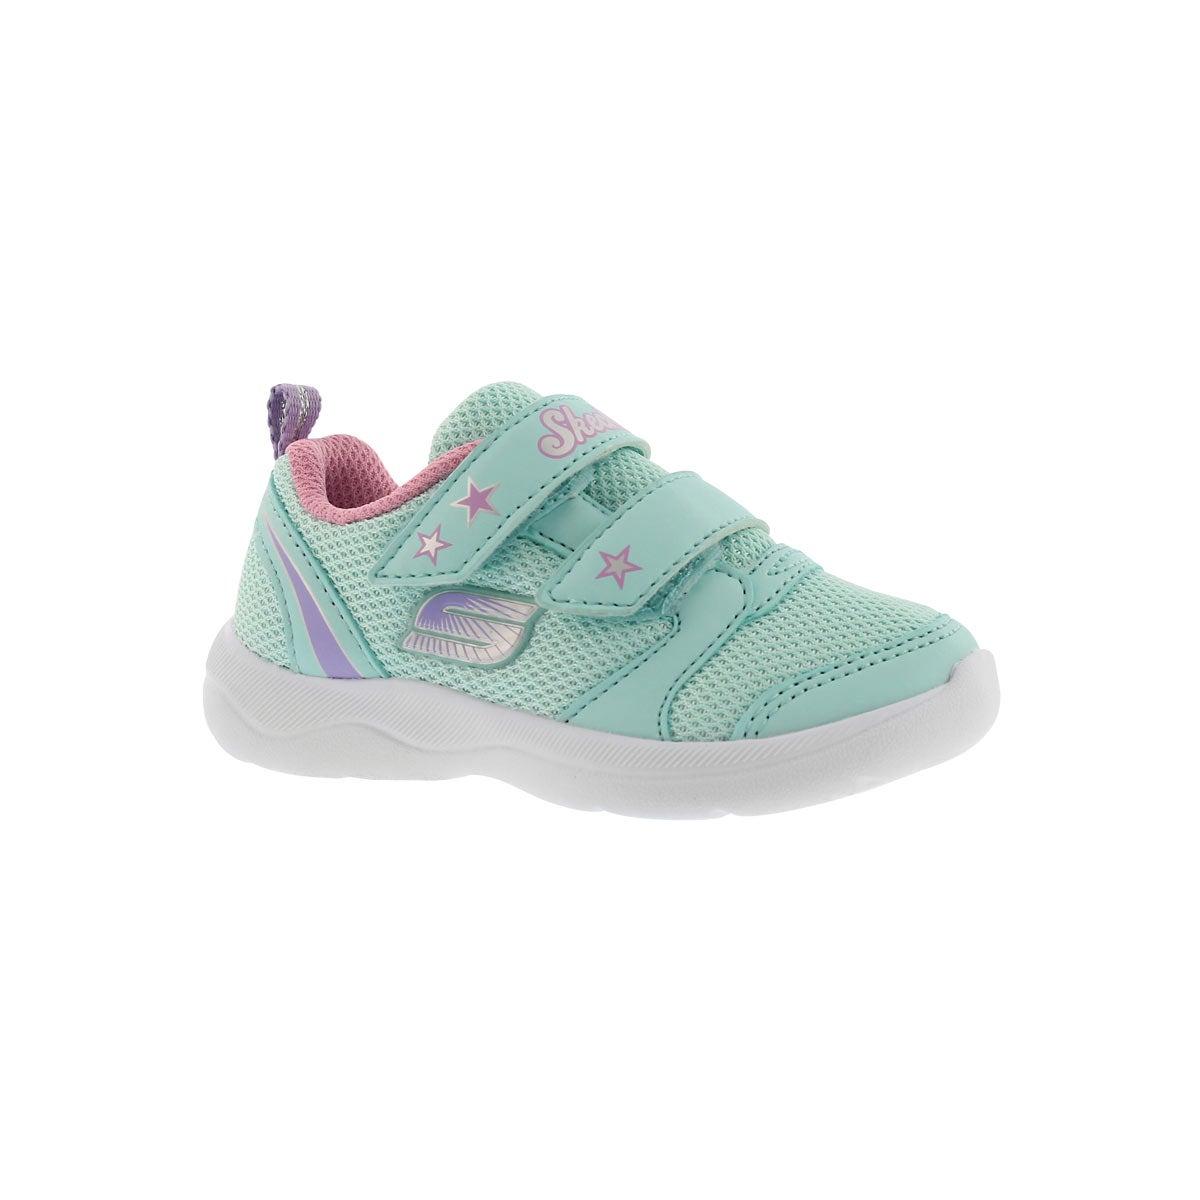 Infants' SKECH-STEPZ 2.0 mint sneakers